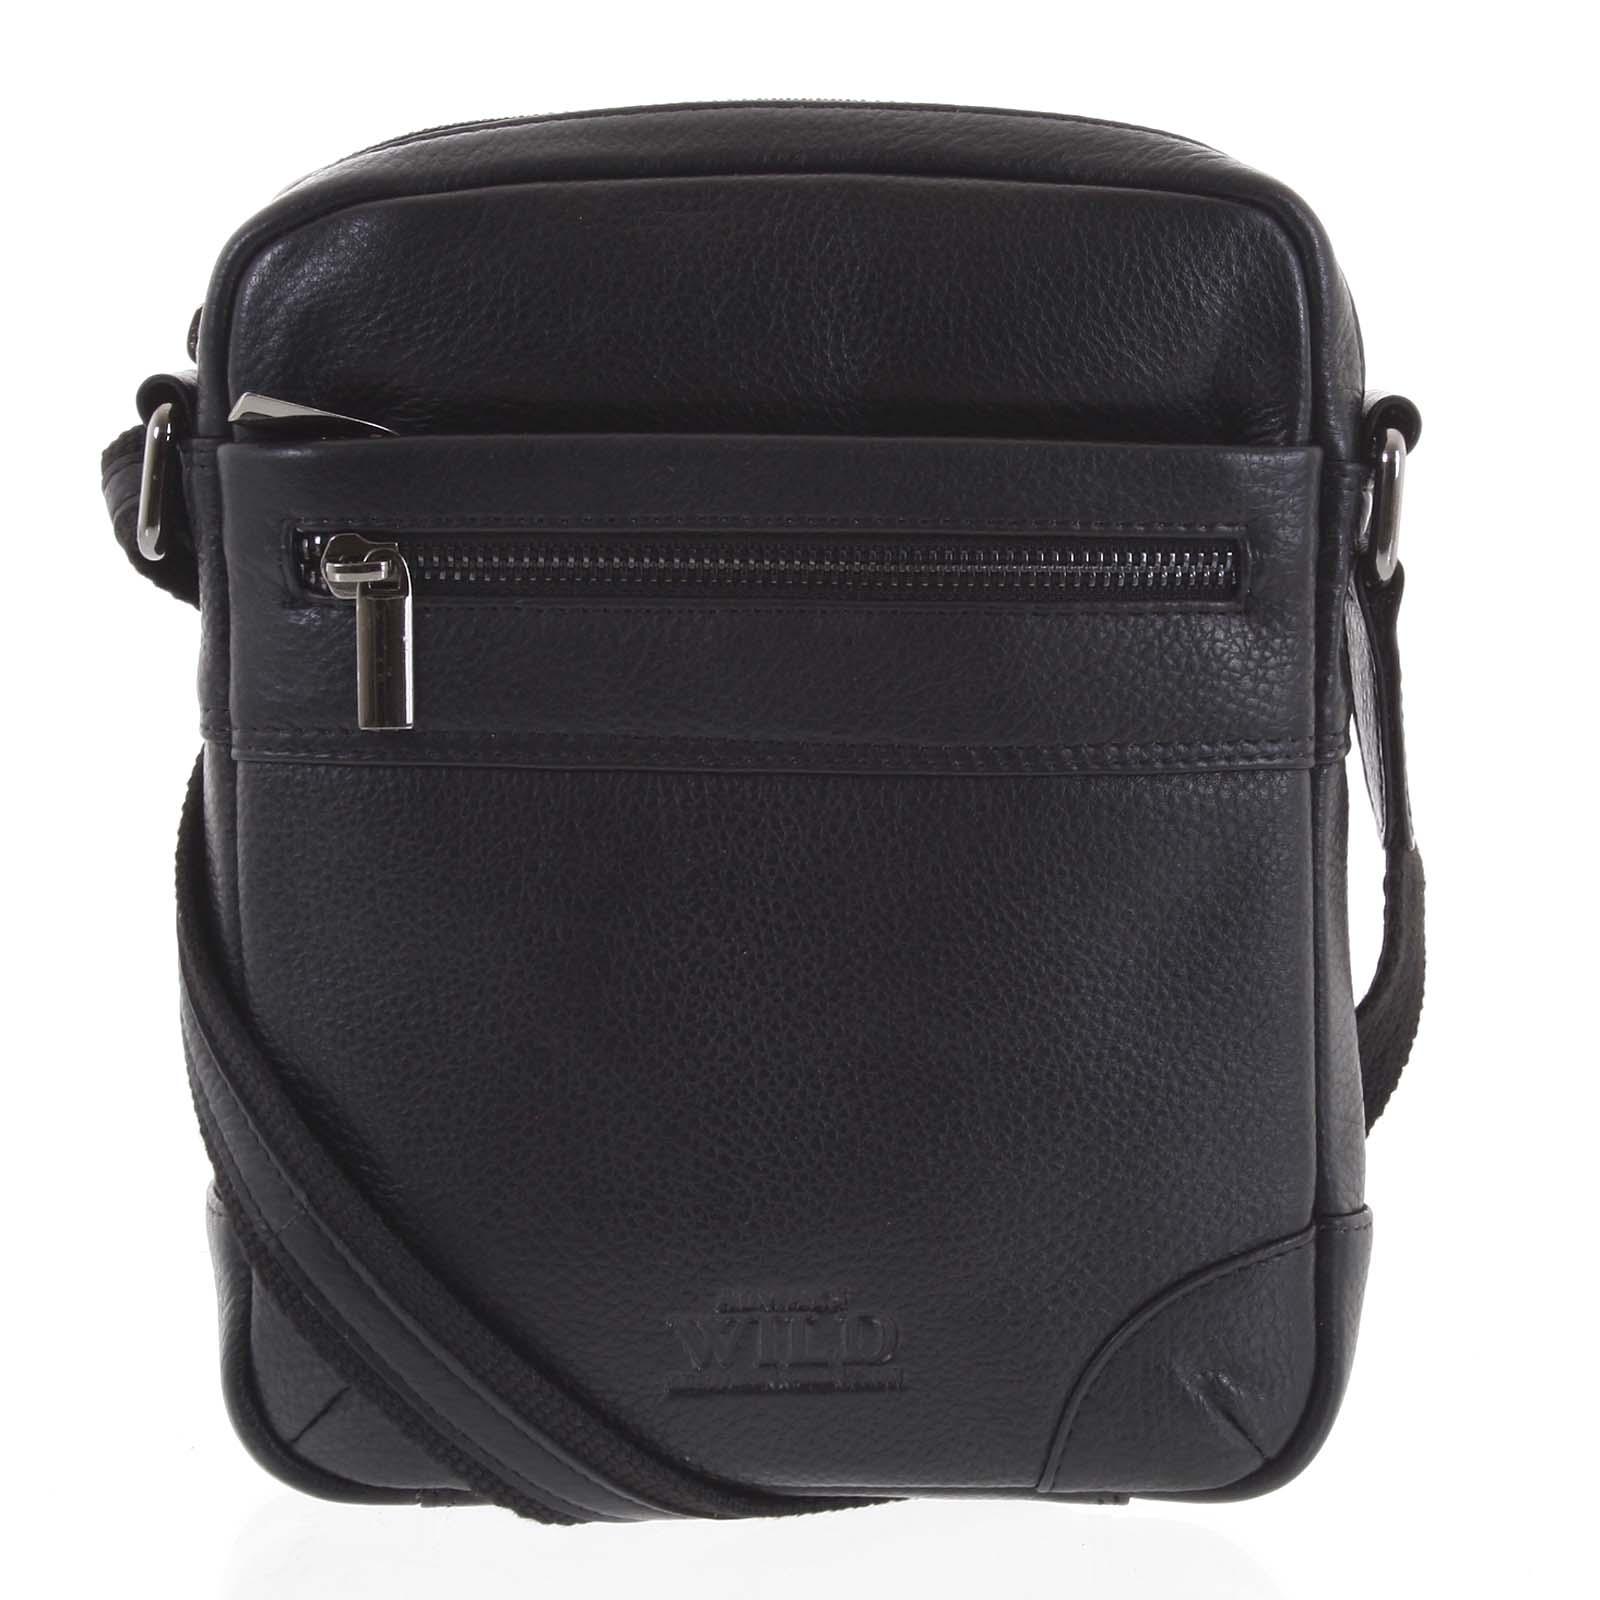 Moderní pánská kožená crossbody taška na doklady černá - WILD Anton